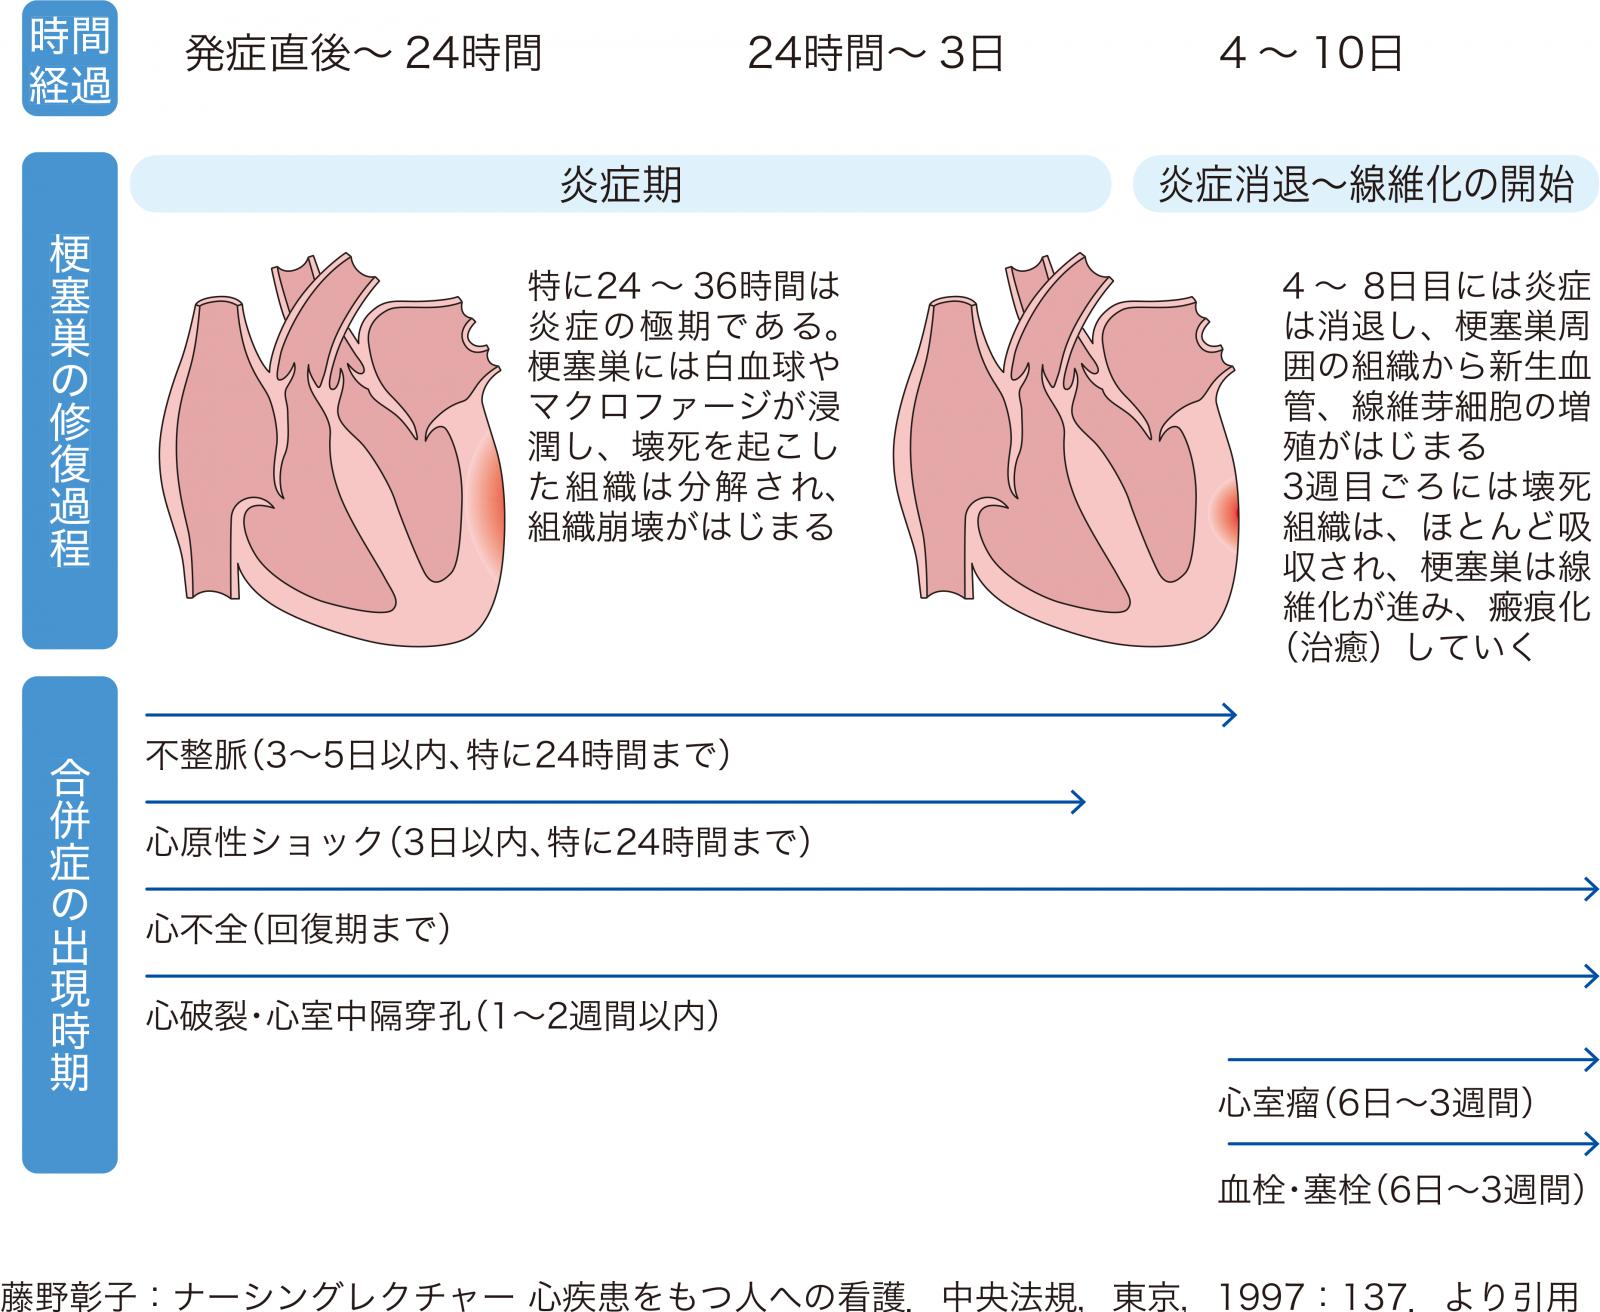 心筋の状態と合併症